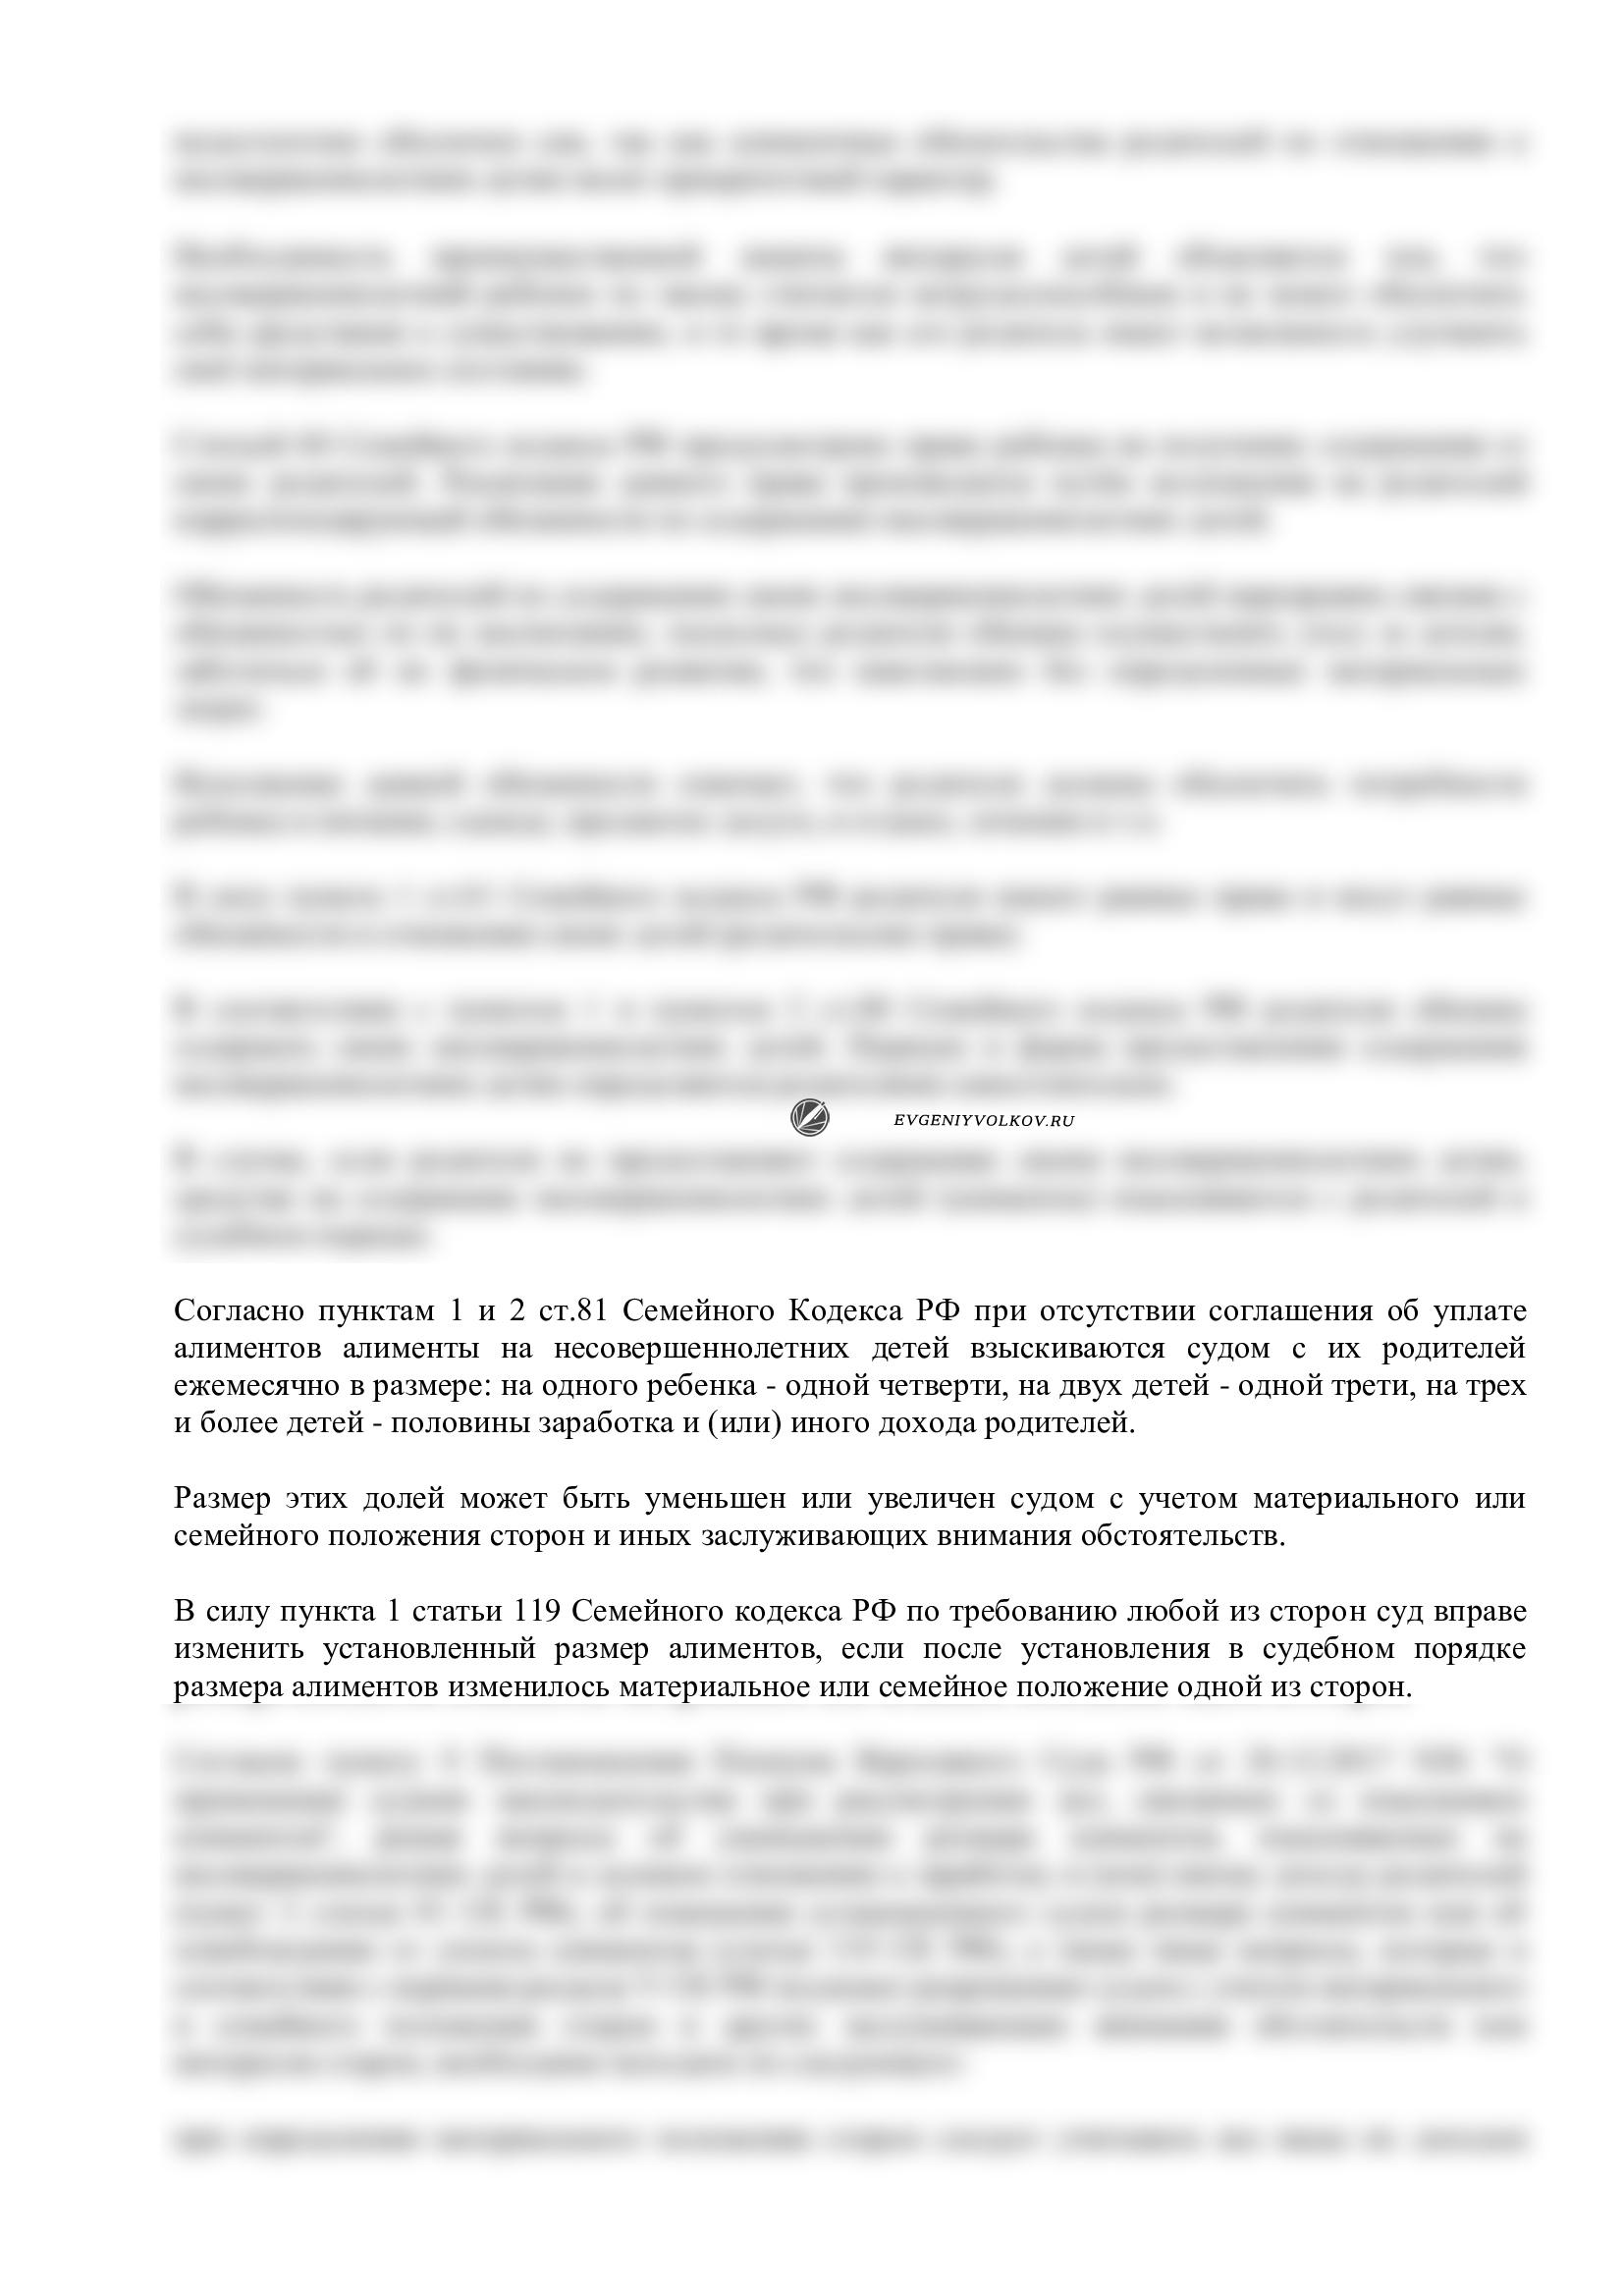 Мед процедуры при скрытой камере видео — pic 13